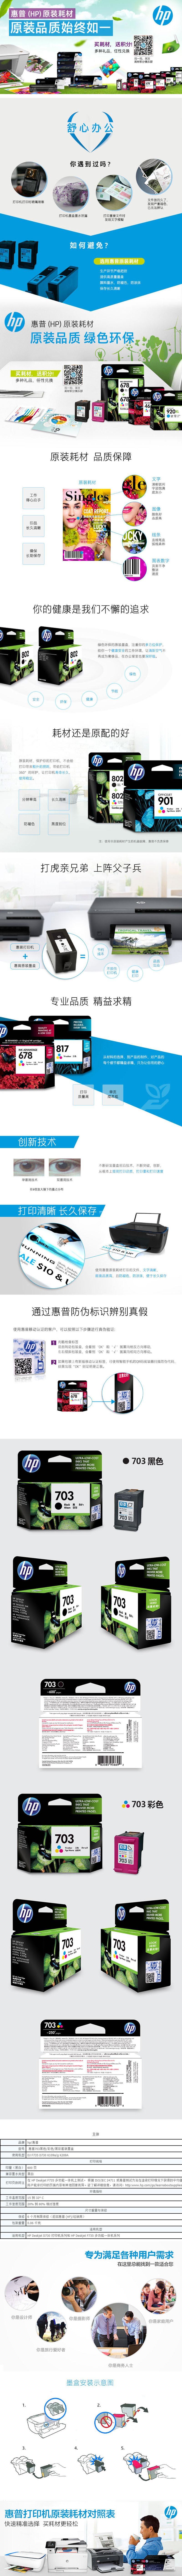 惠普 CD887AA 703号黑色墨盒(适用DJ F735 D730 K109ag K209ag Photosmart K510a)